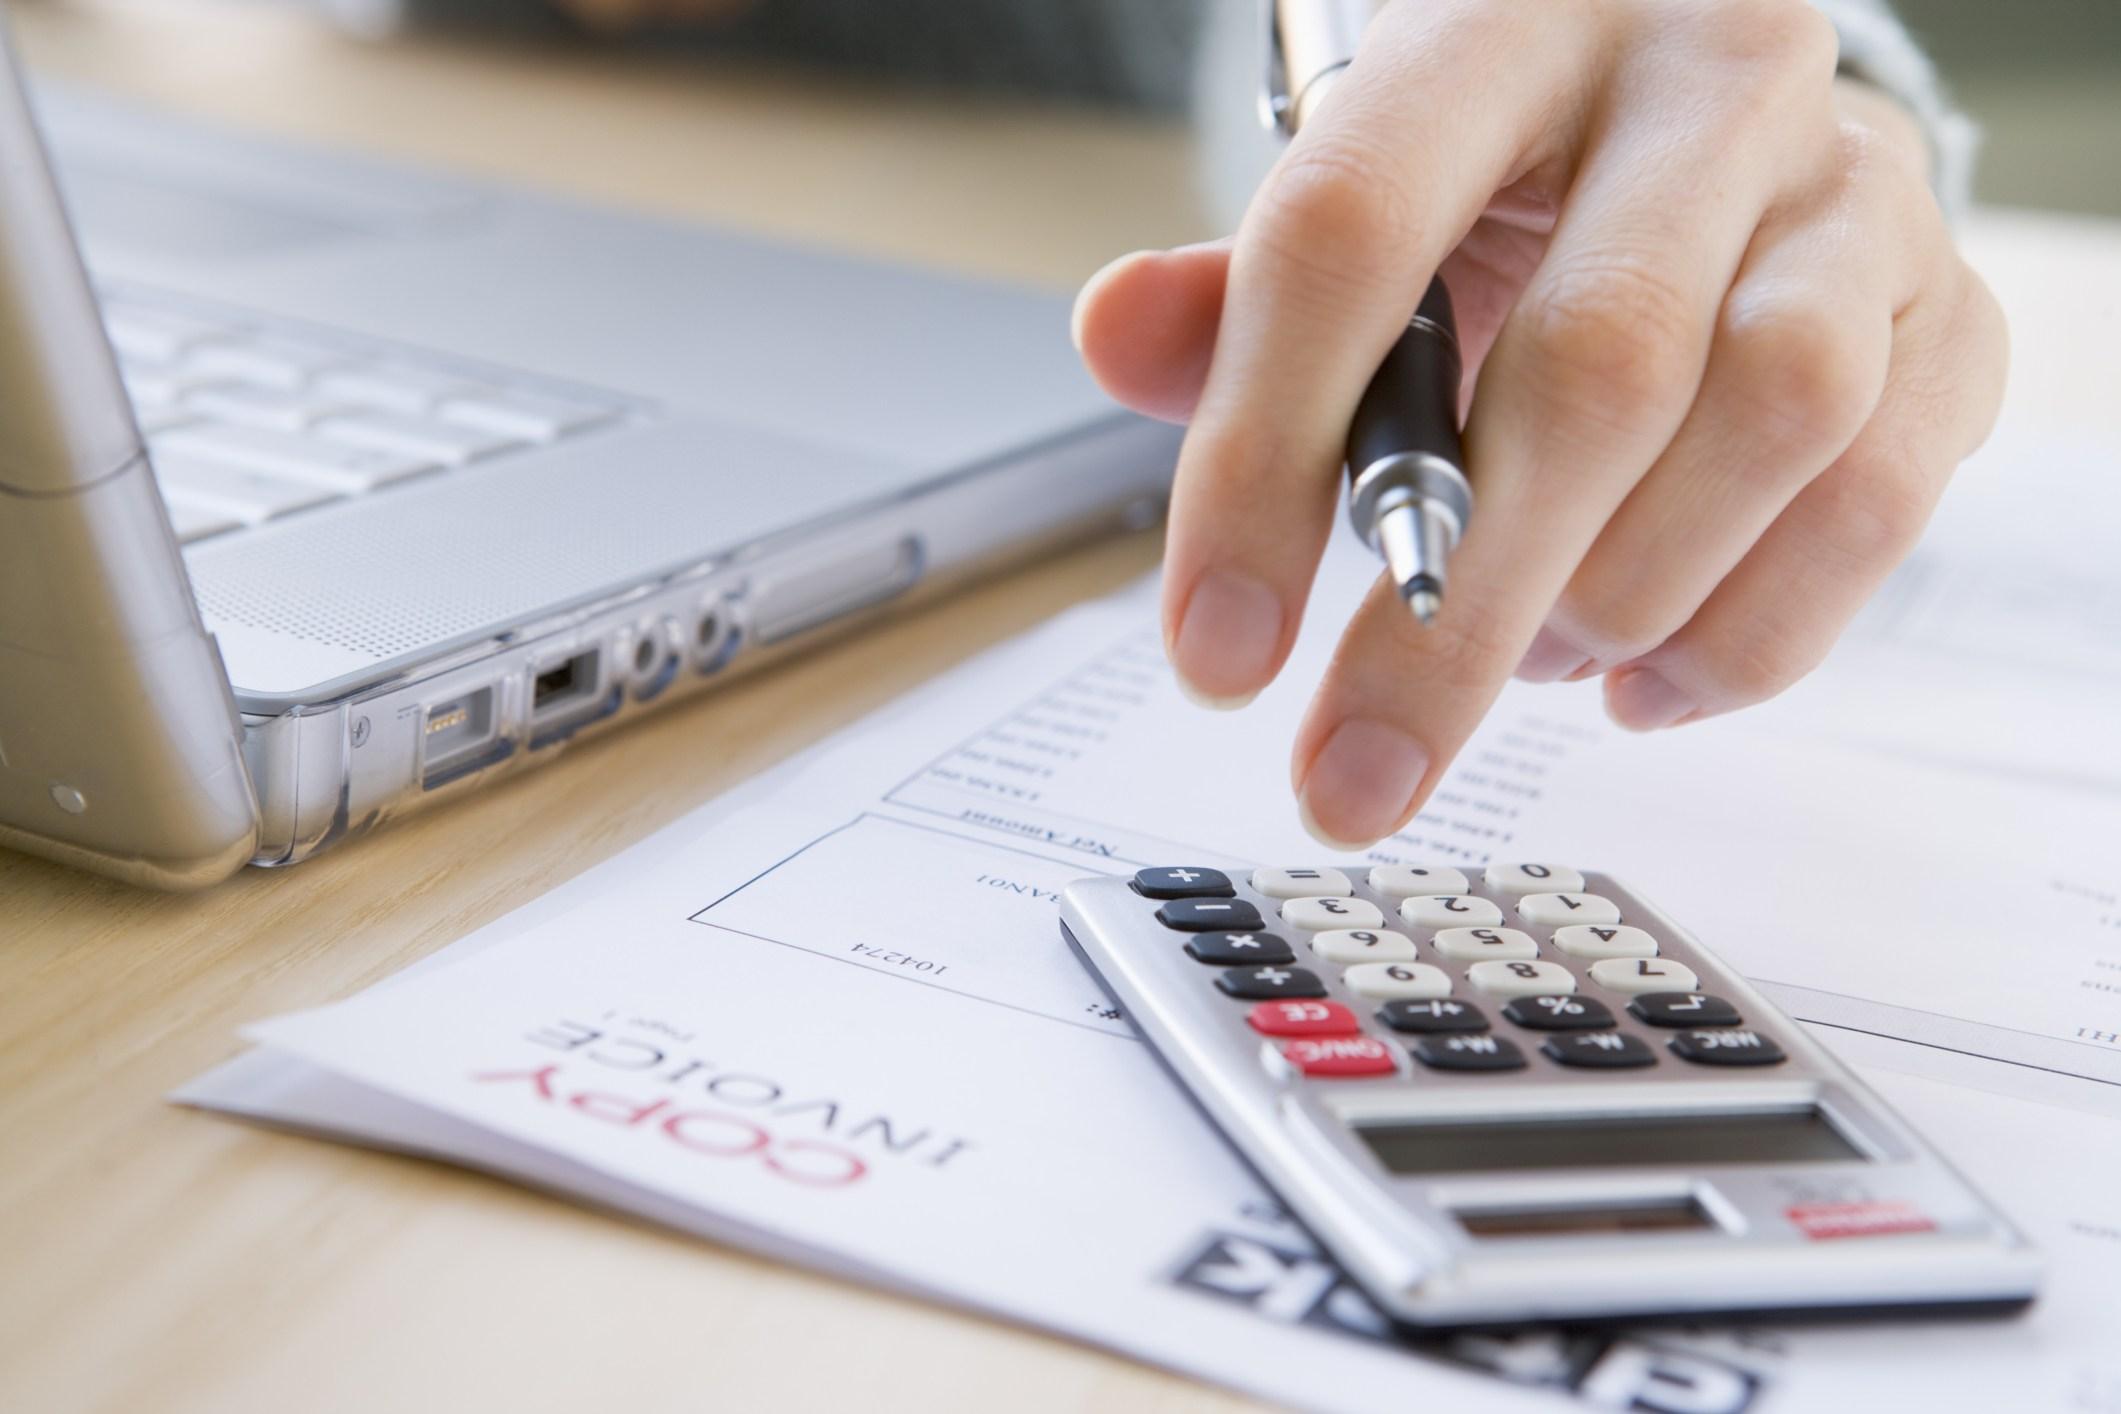 حاسبة التمويل الشخصي الراجحي